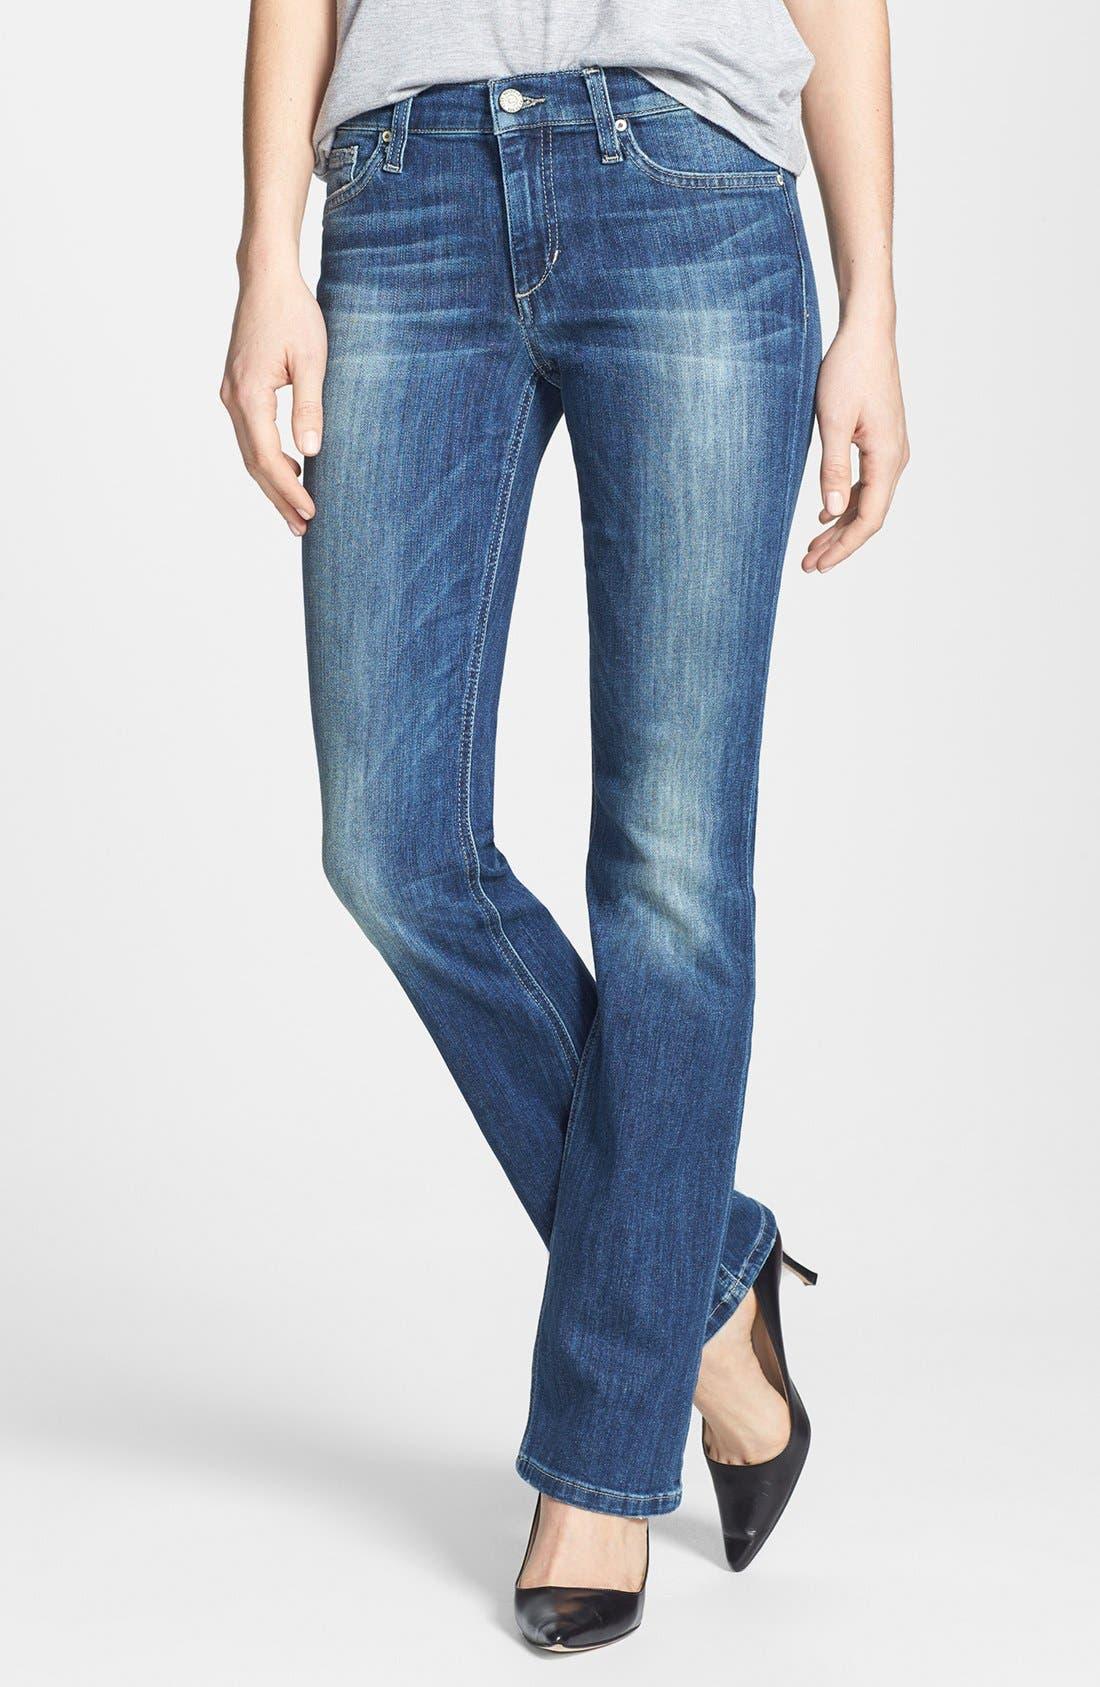 Alternate Image 1 Selected - Joe's Bootcut Jeans (Laurel) (Petite)